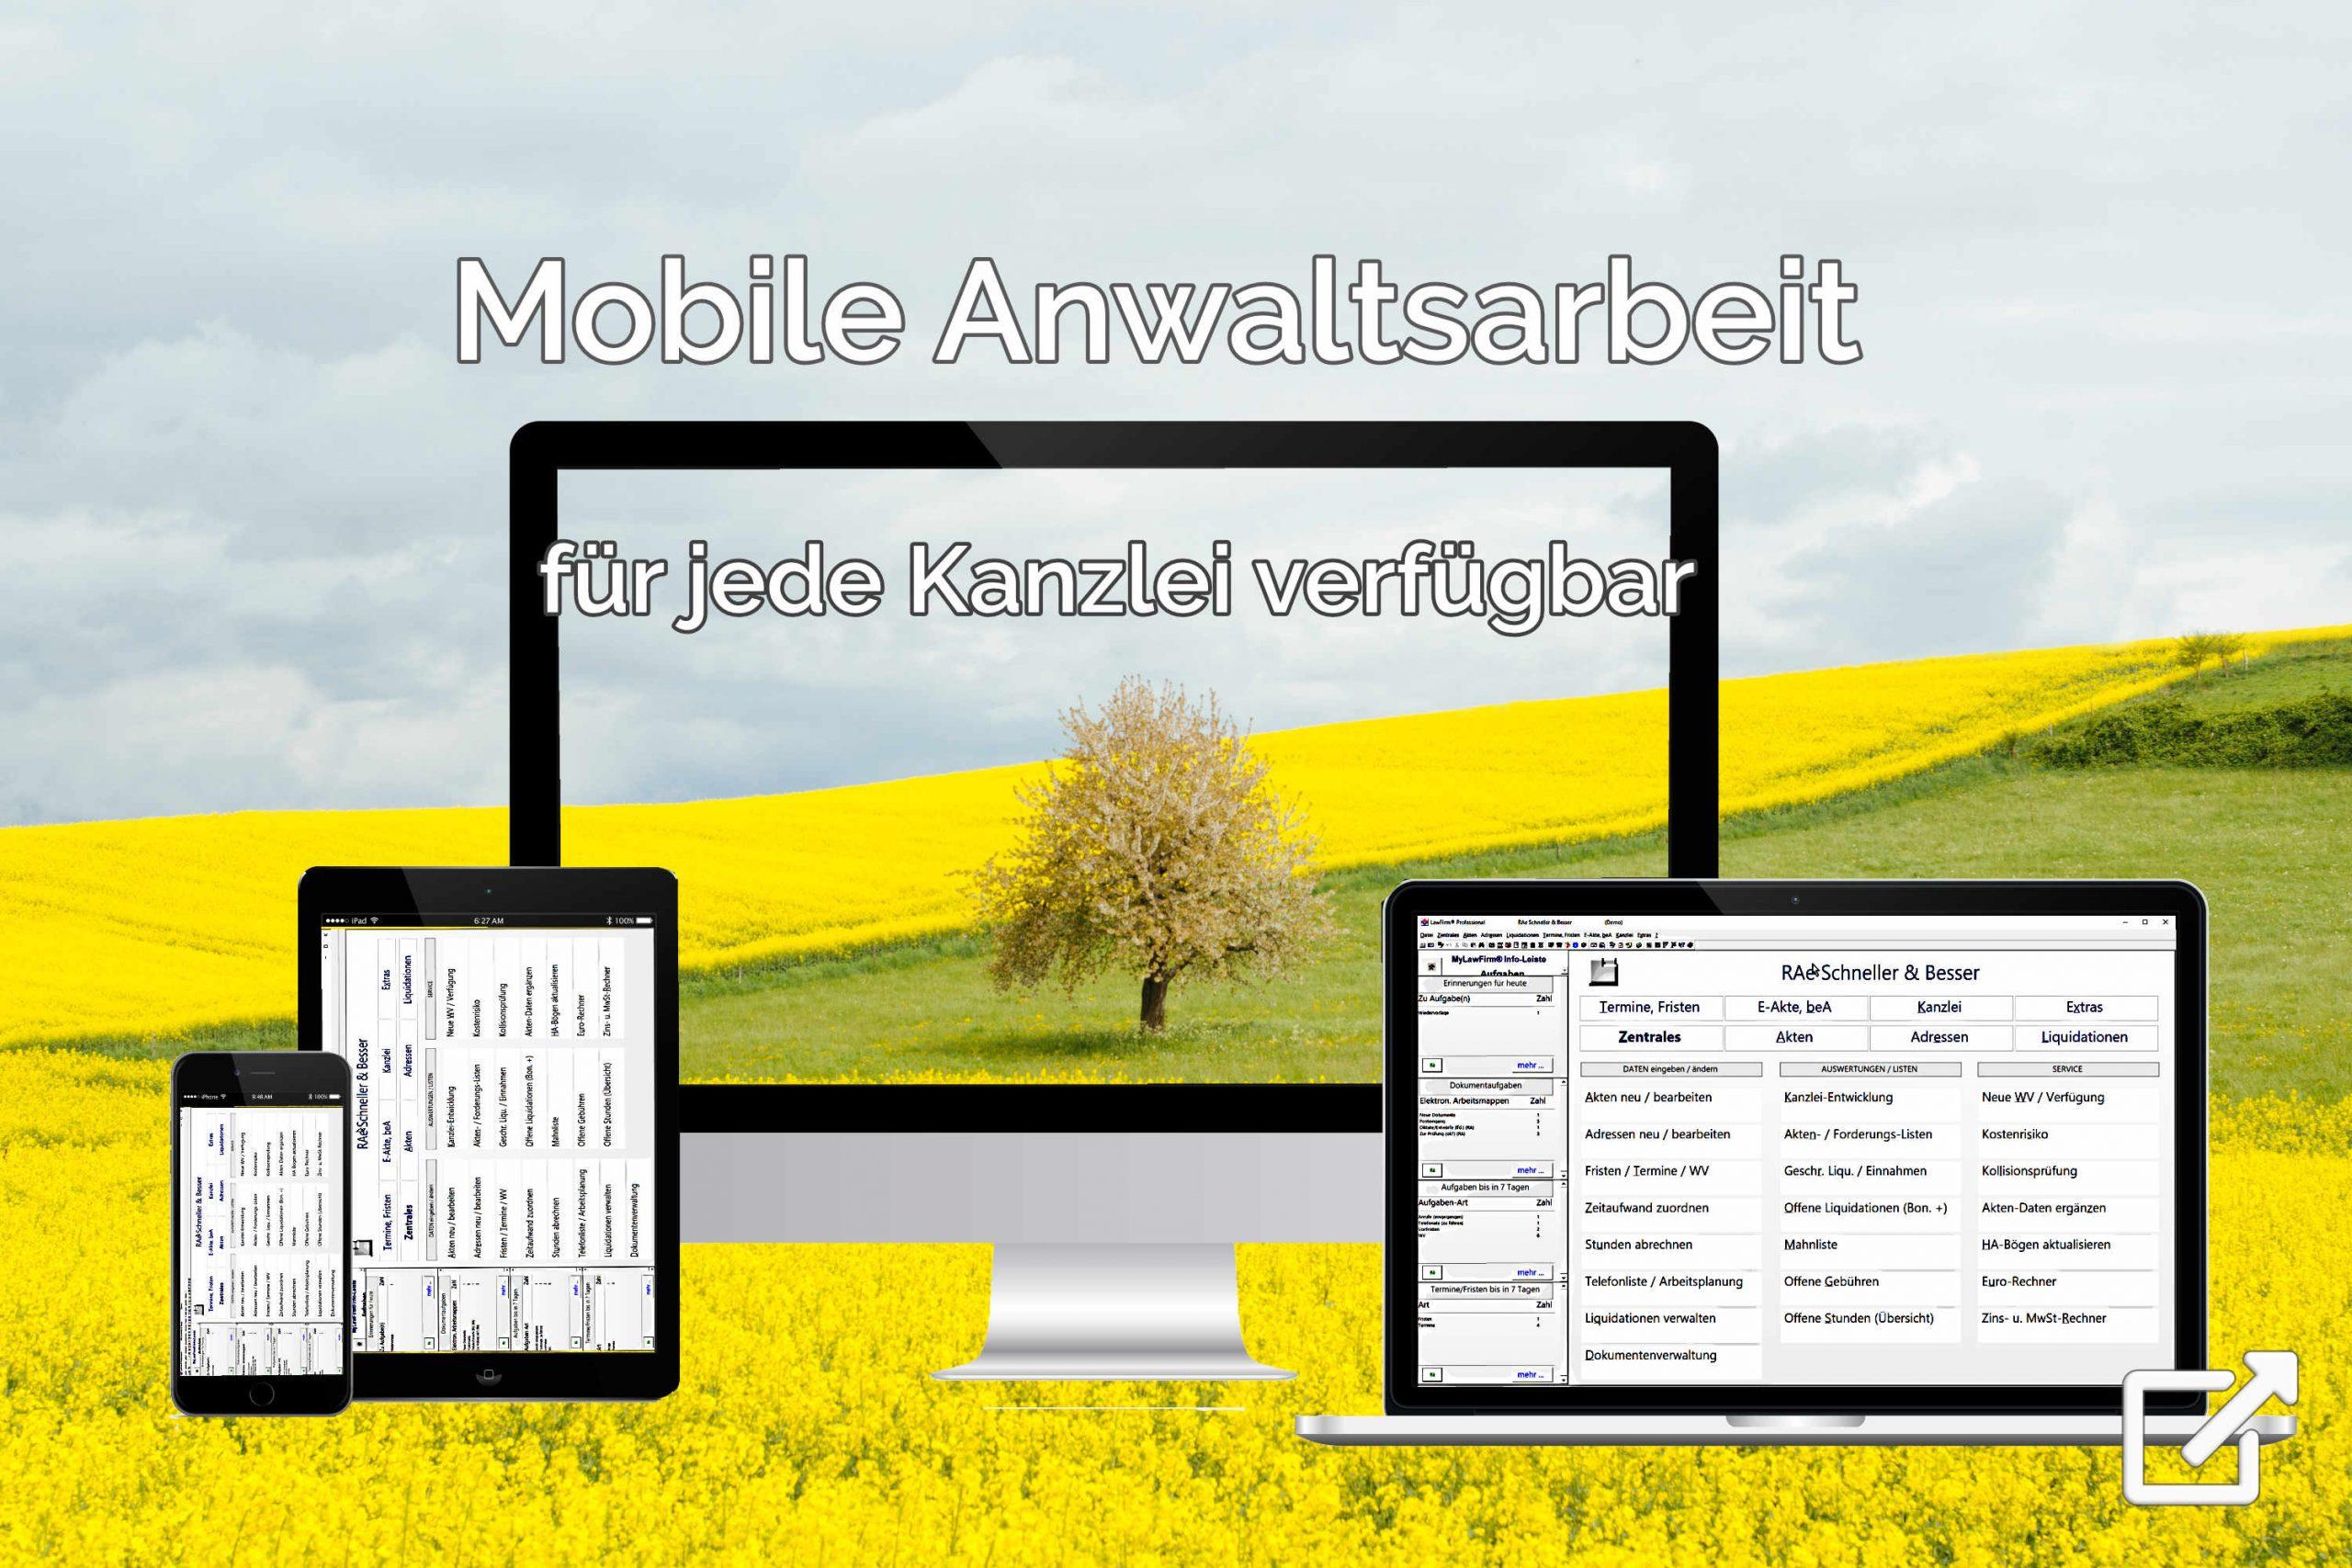 Mobil arbeiten - mobile Kanzleiarbeit für jede Rechtsanwaltskanzlei – ortsunabhängig und standortübergreifend – mit Smartphone und Tablet (z. B. iPhone und iPad oder Android) und der Premium-Kanzleisoftware LawFirm für Rechtsanwälte